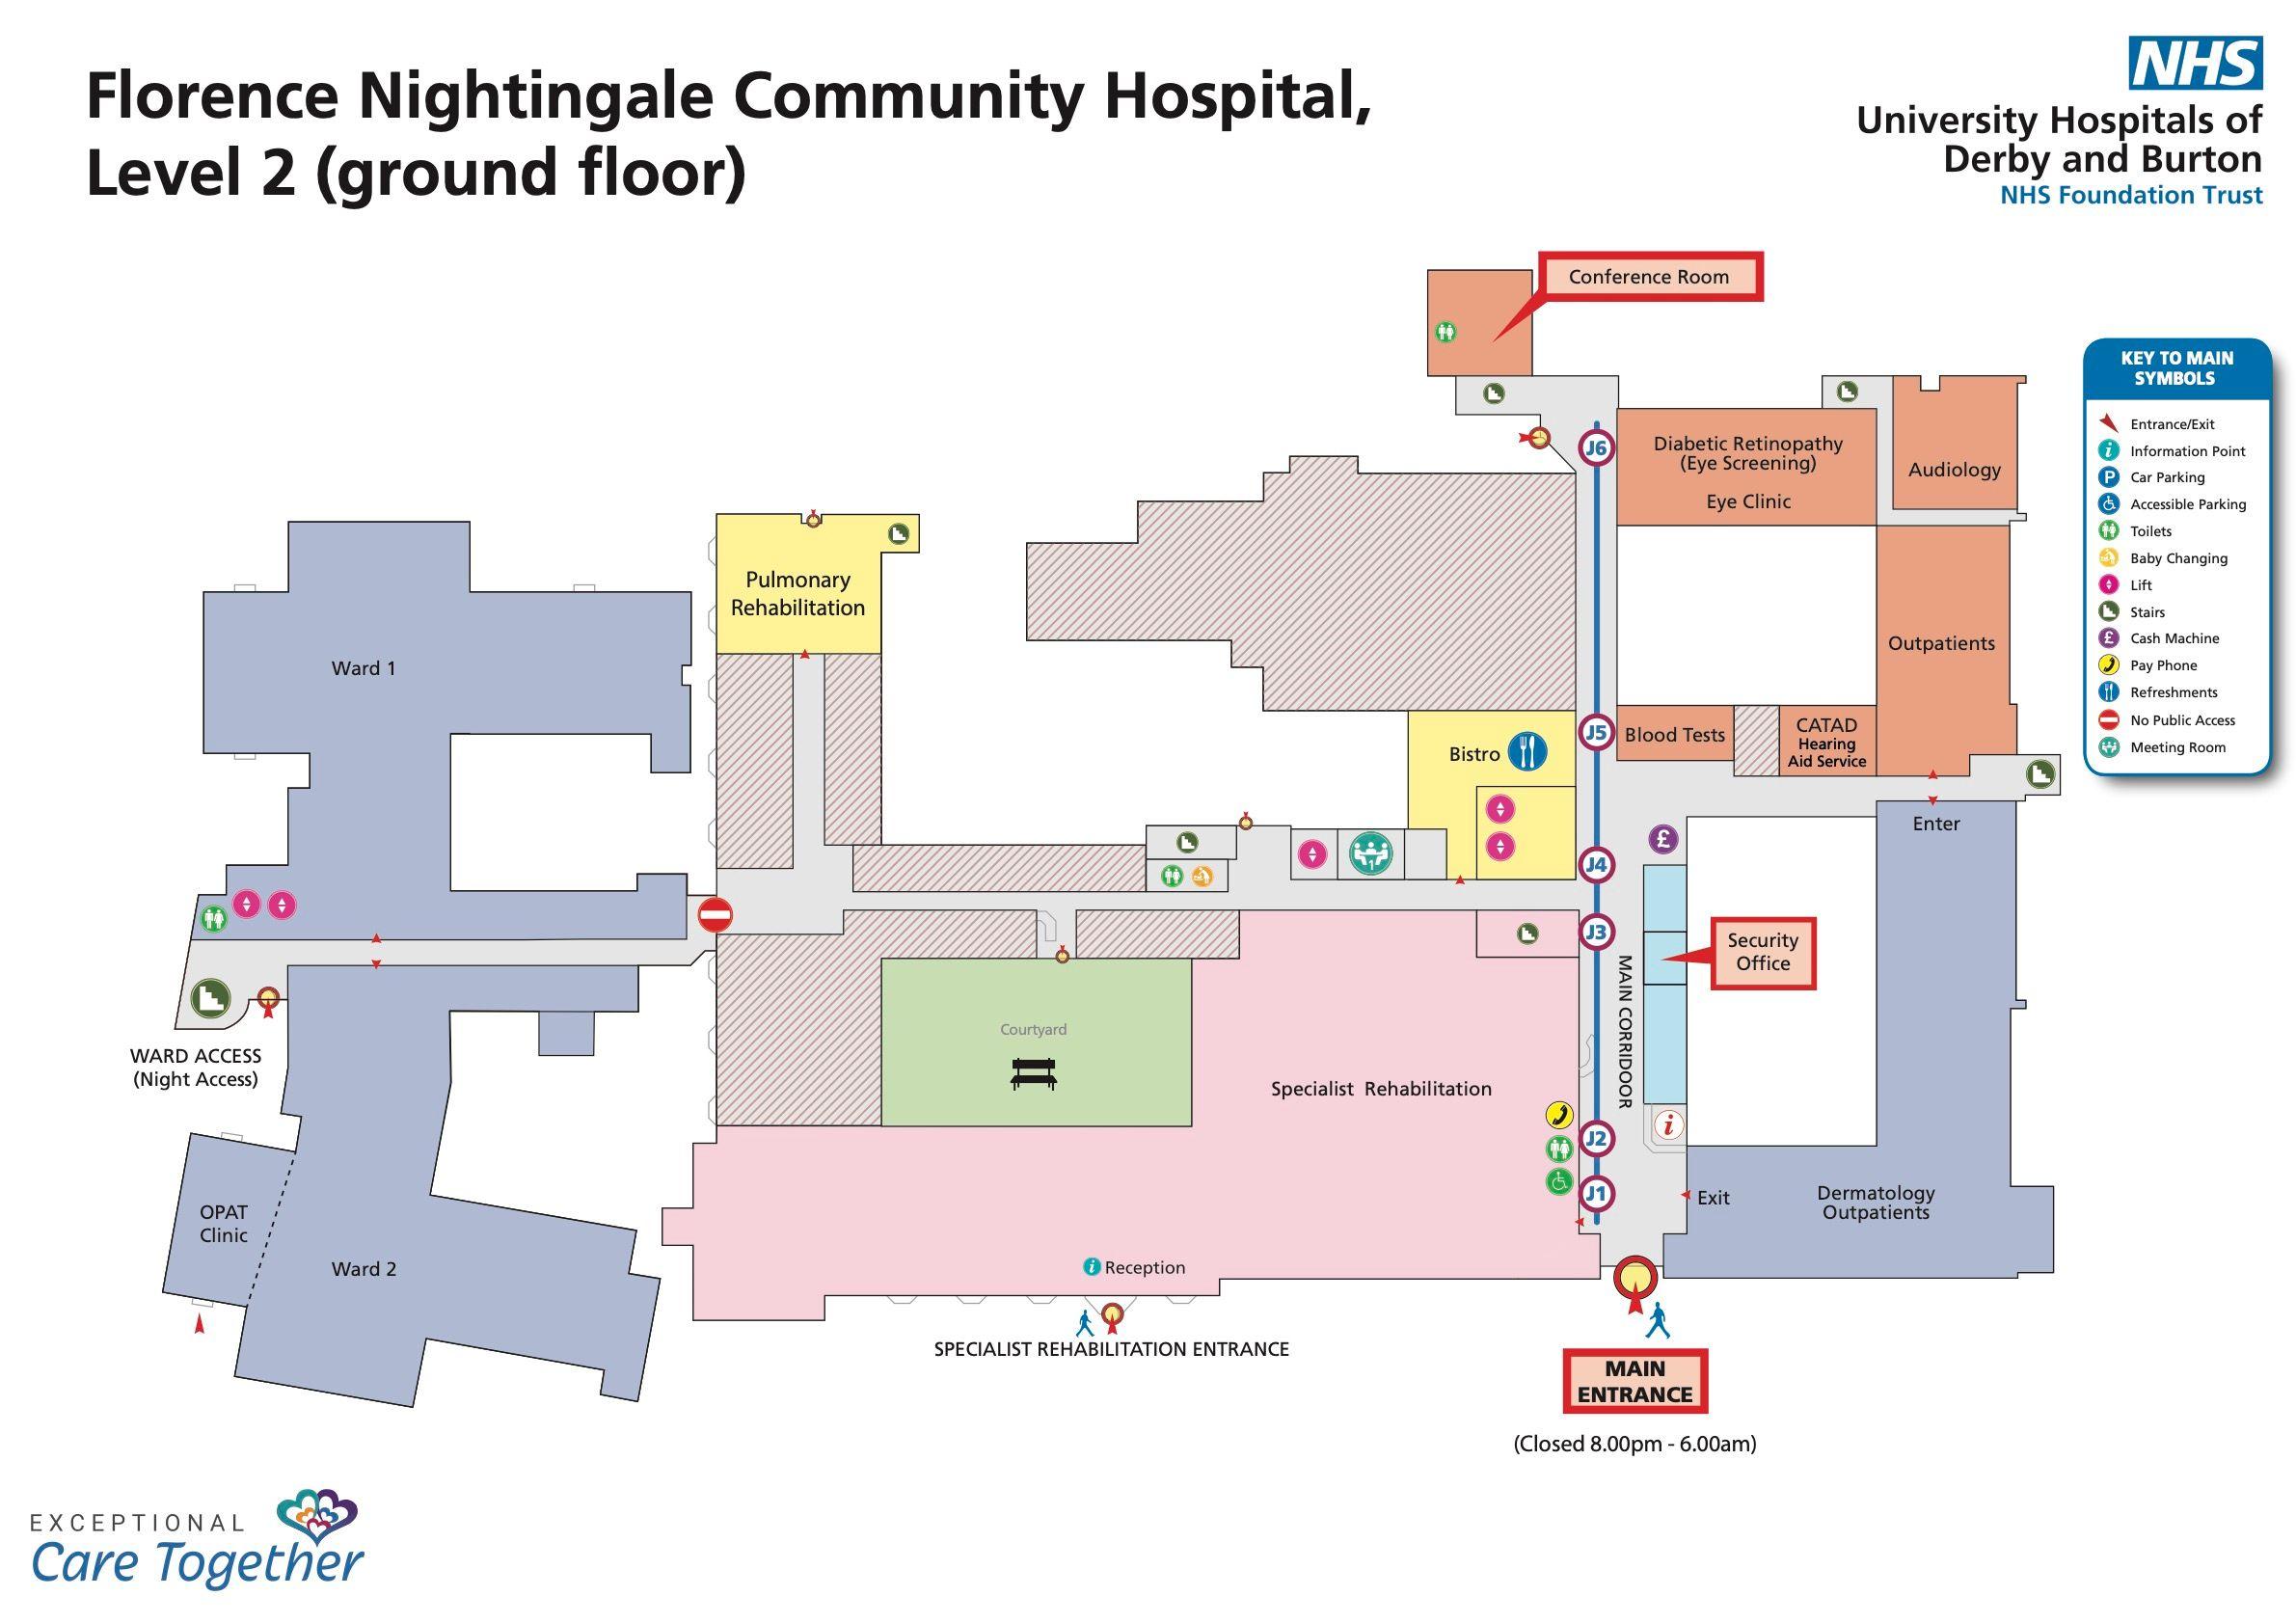 florence nightingale community hospital